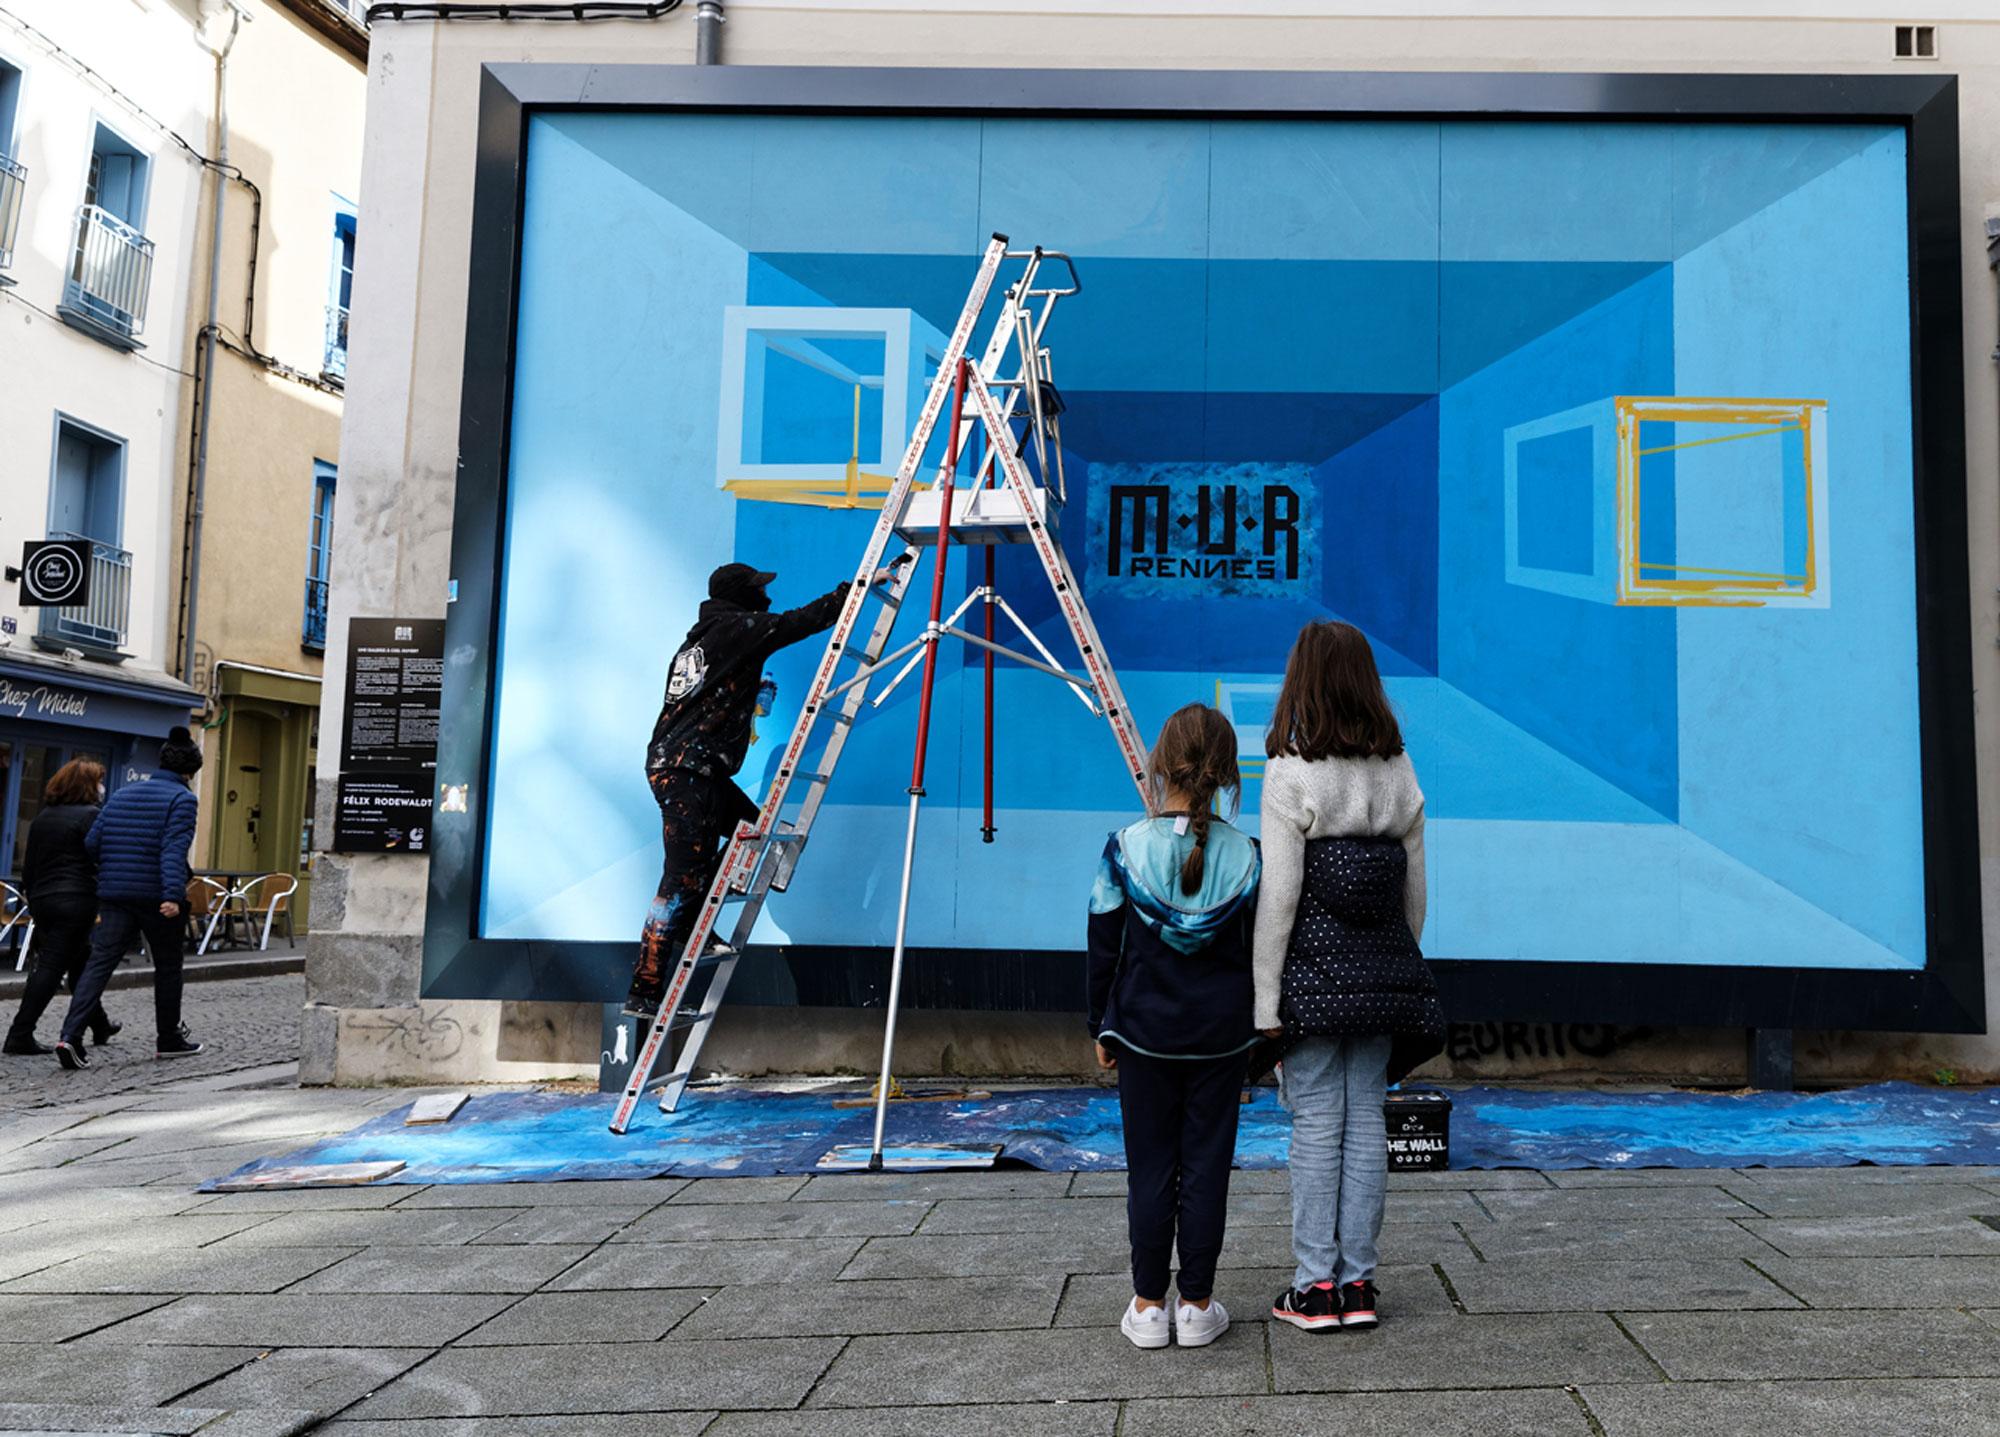 Felix Rodewaldt M.U.R de Rennes - enfants devant mur - photo Monique Sammut